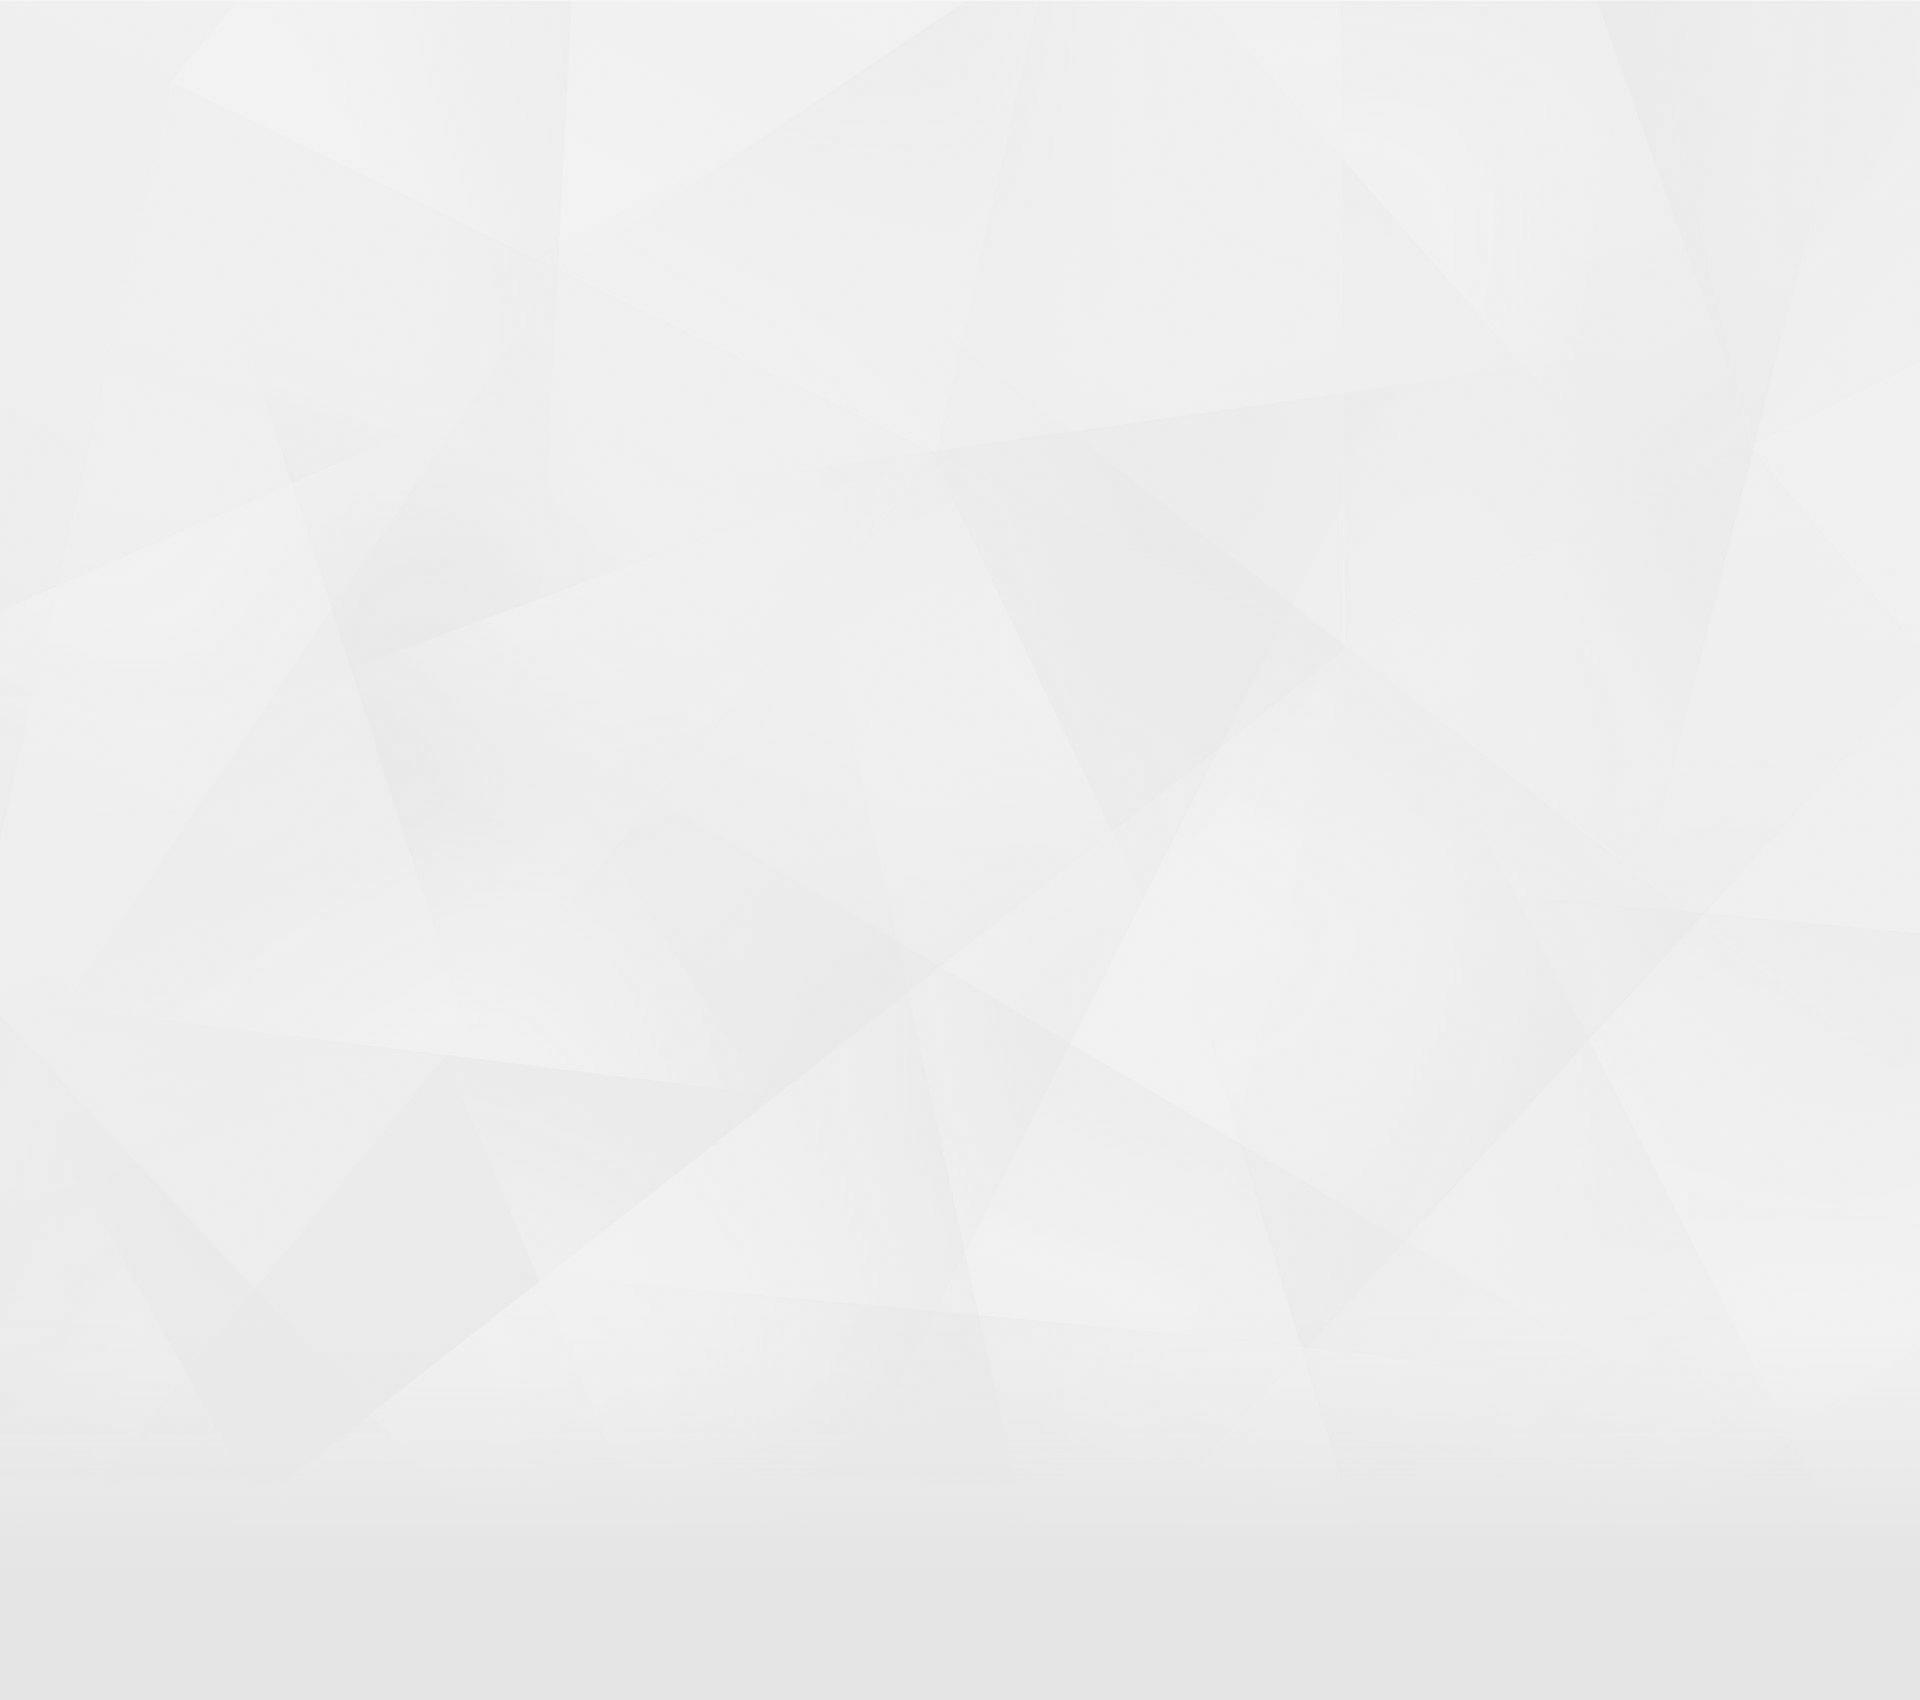 Capitan | CubeCraft Games